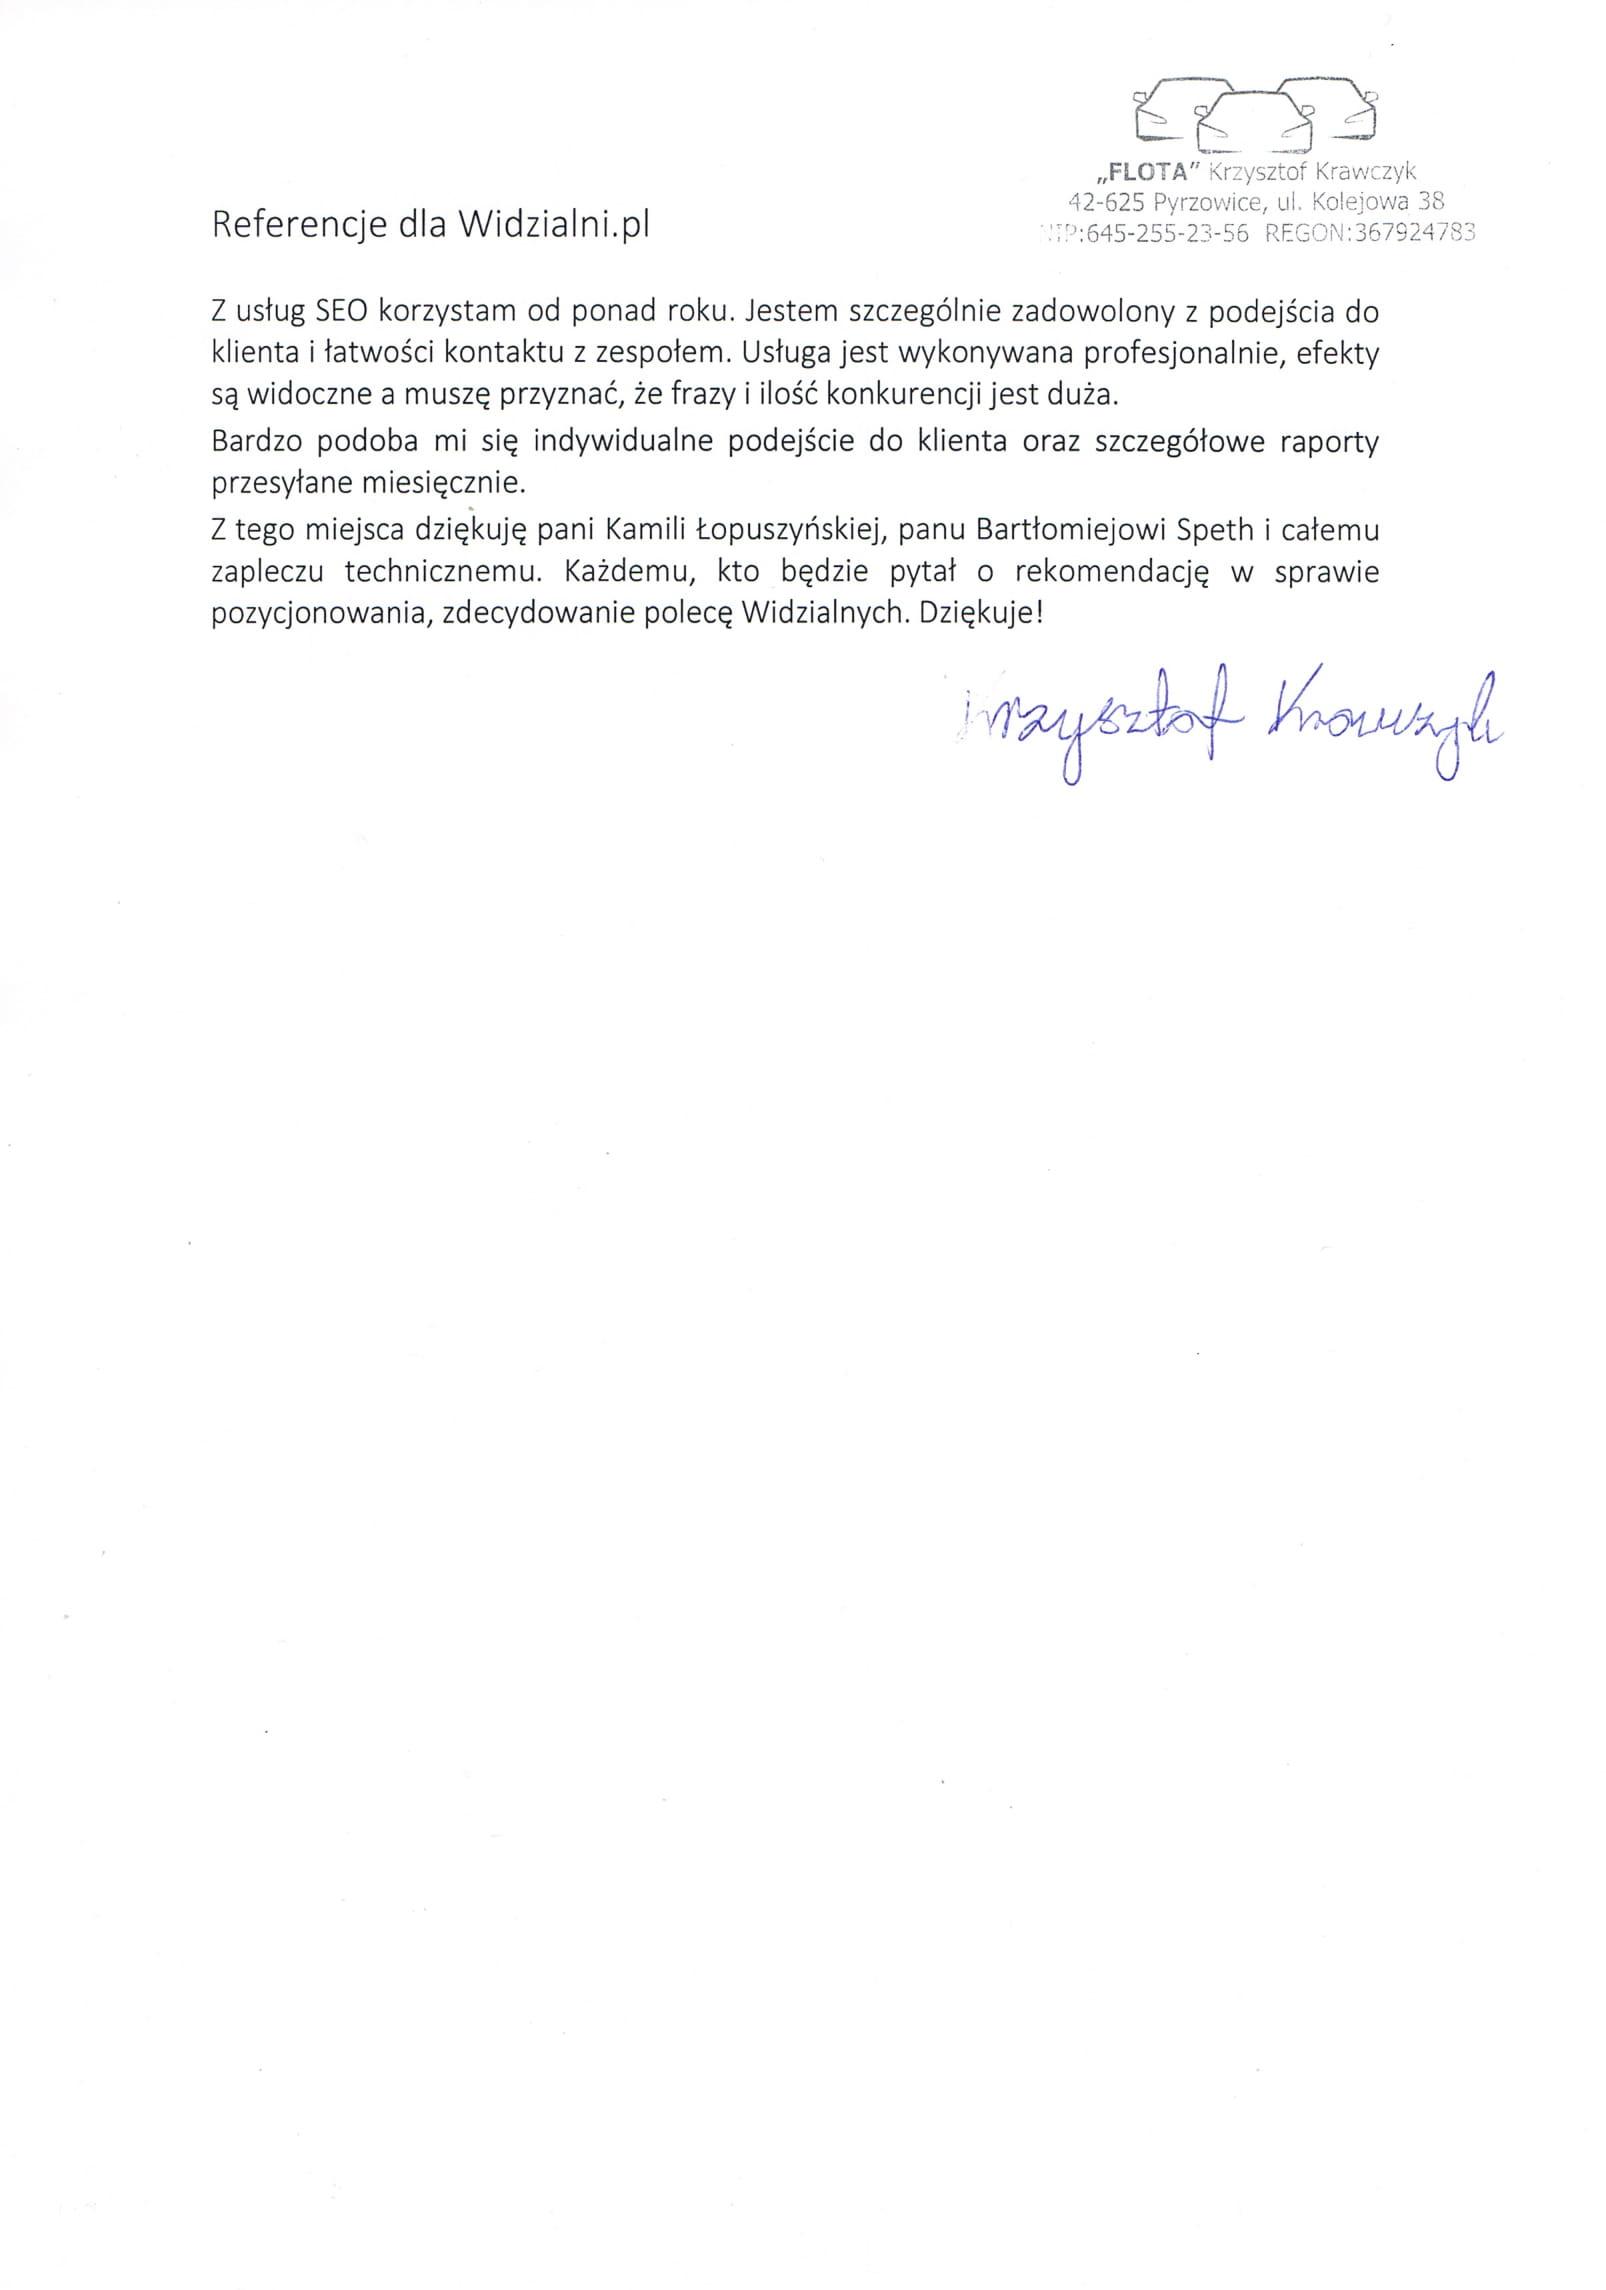 Referencje FLOTA Krzysztof Krawczyk